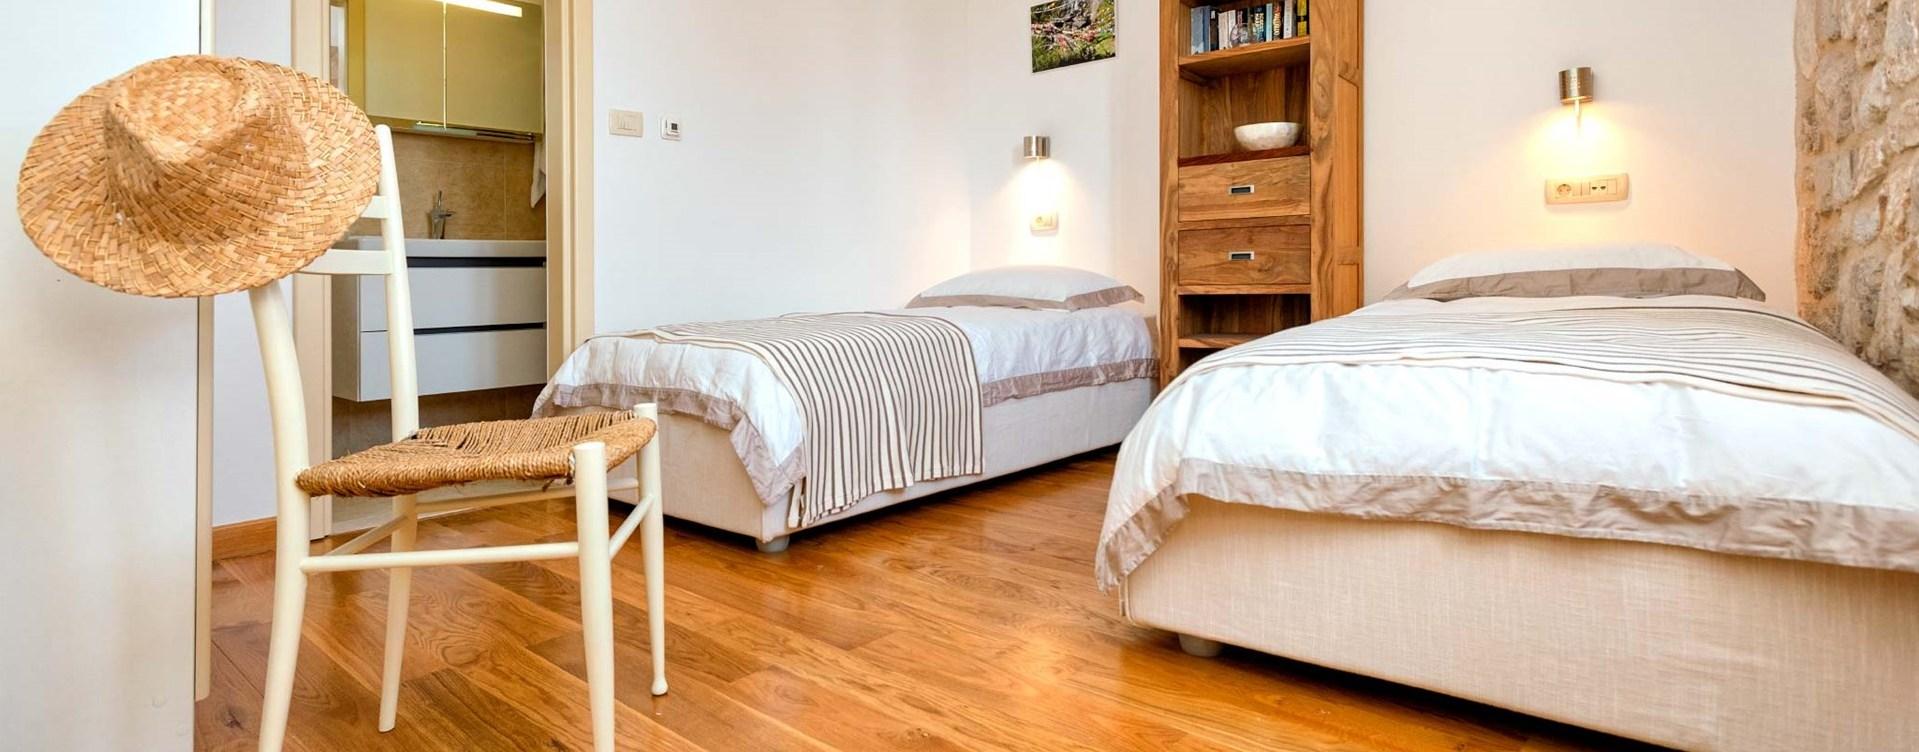 hvar-house-twin-bedroom-1